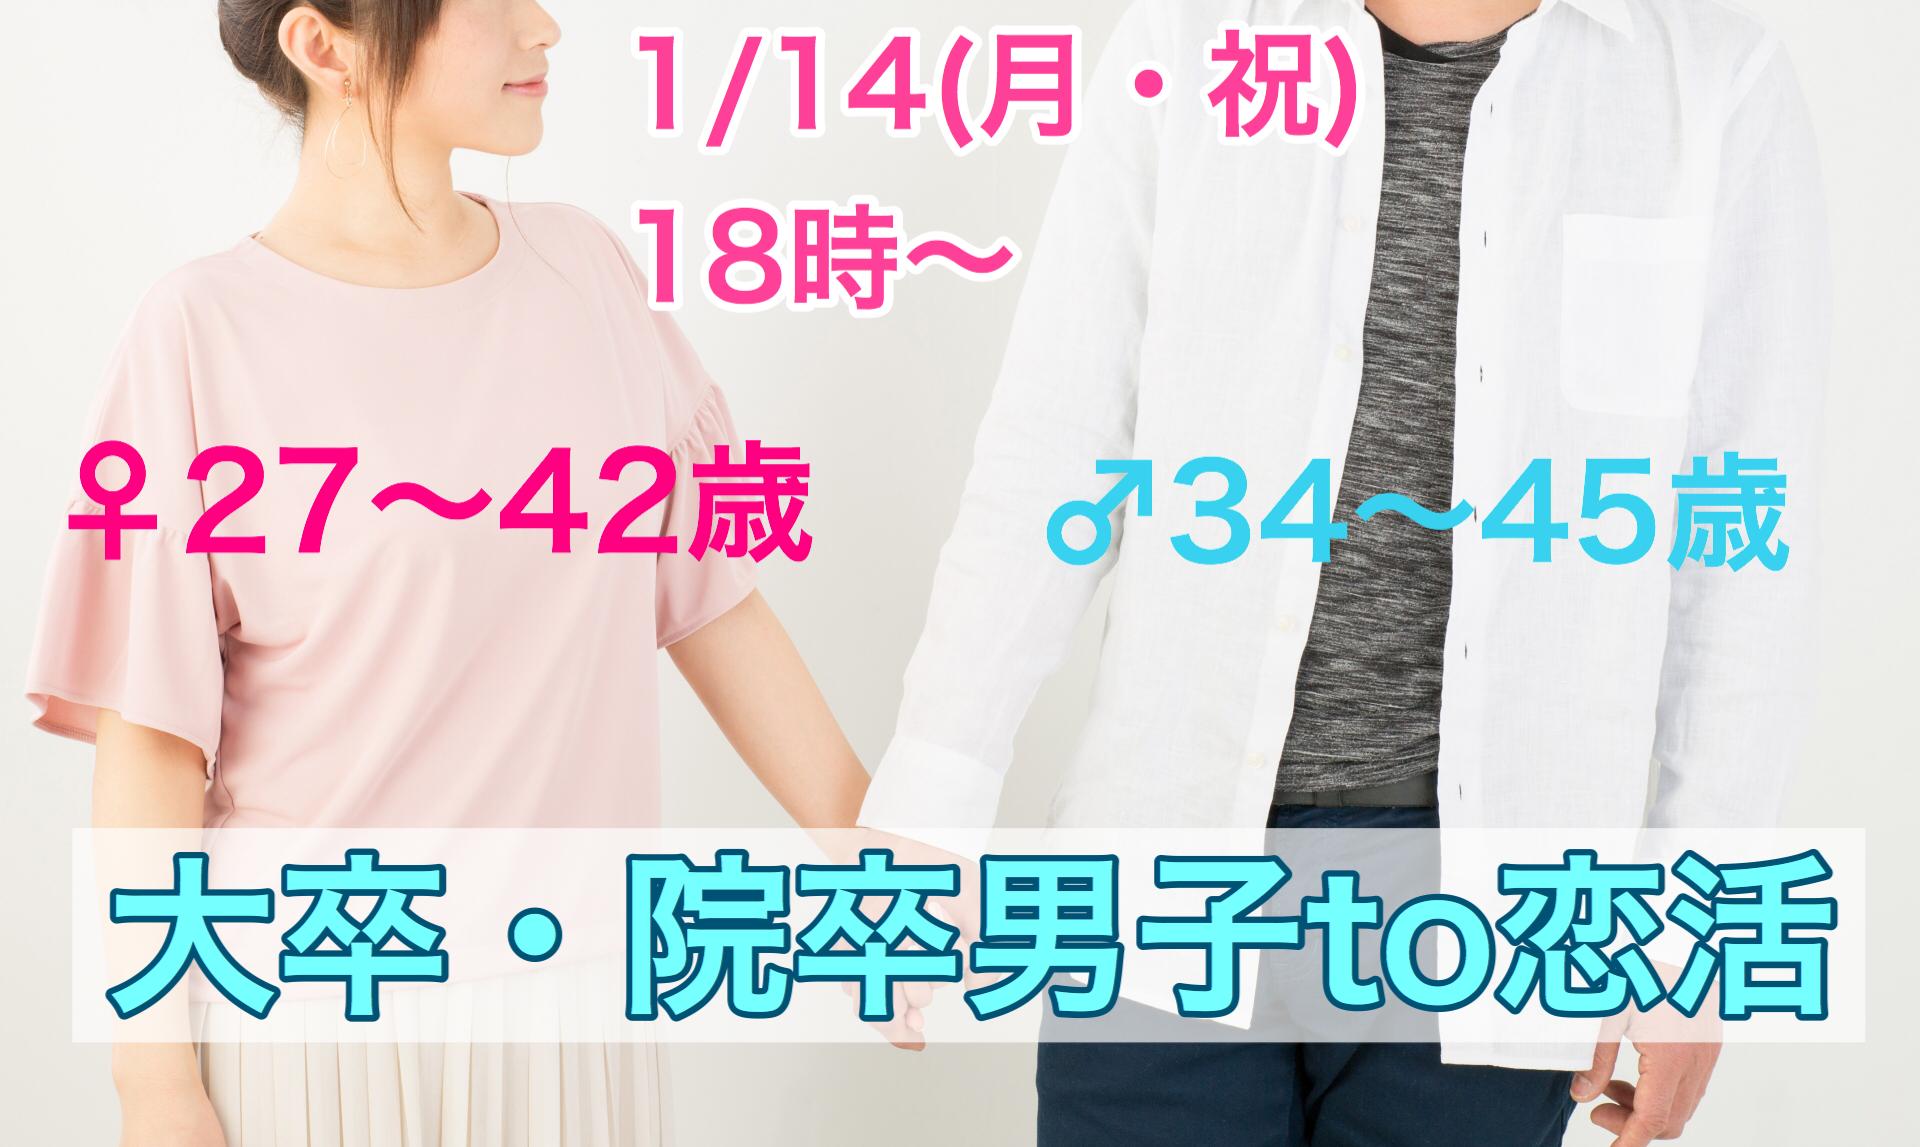 【終了】1月14日(月)18時~【男性34~45歳限定、女性27~42歳限定】大卒・院卒男子 TO 恋活!